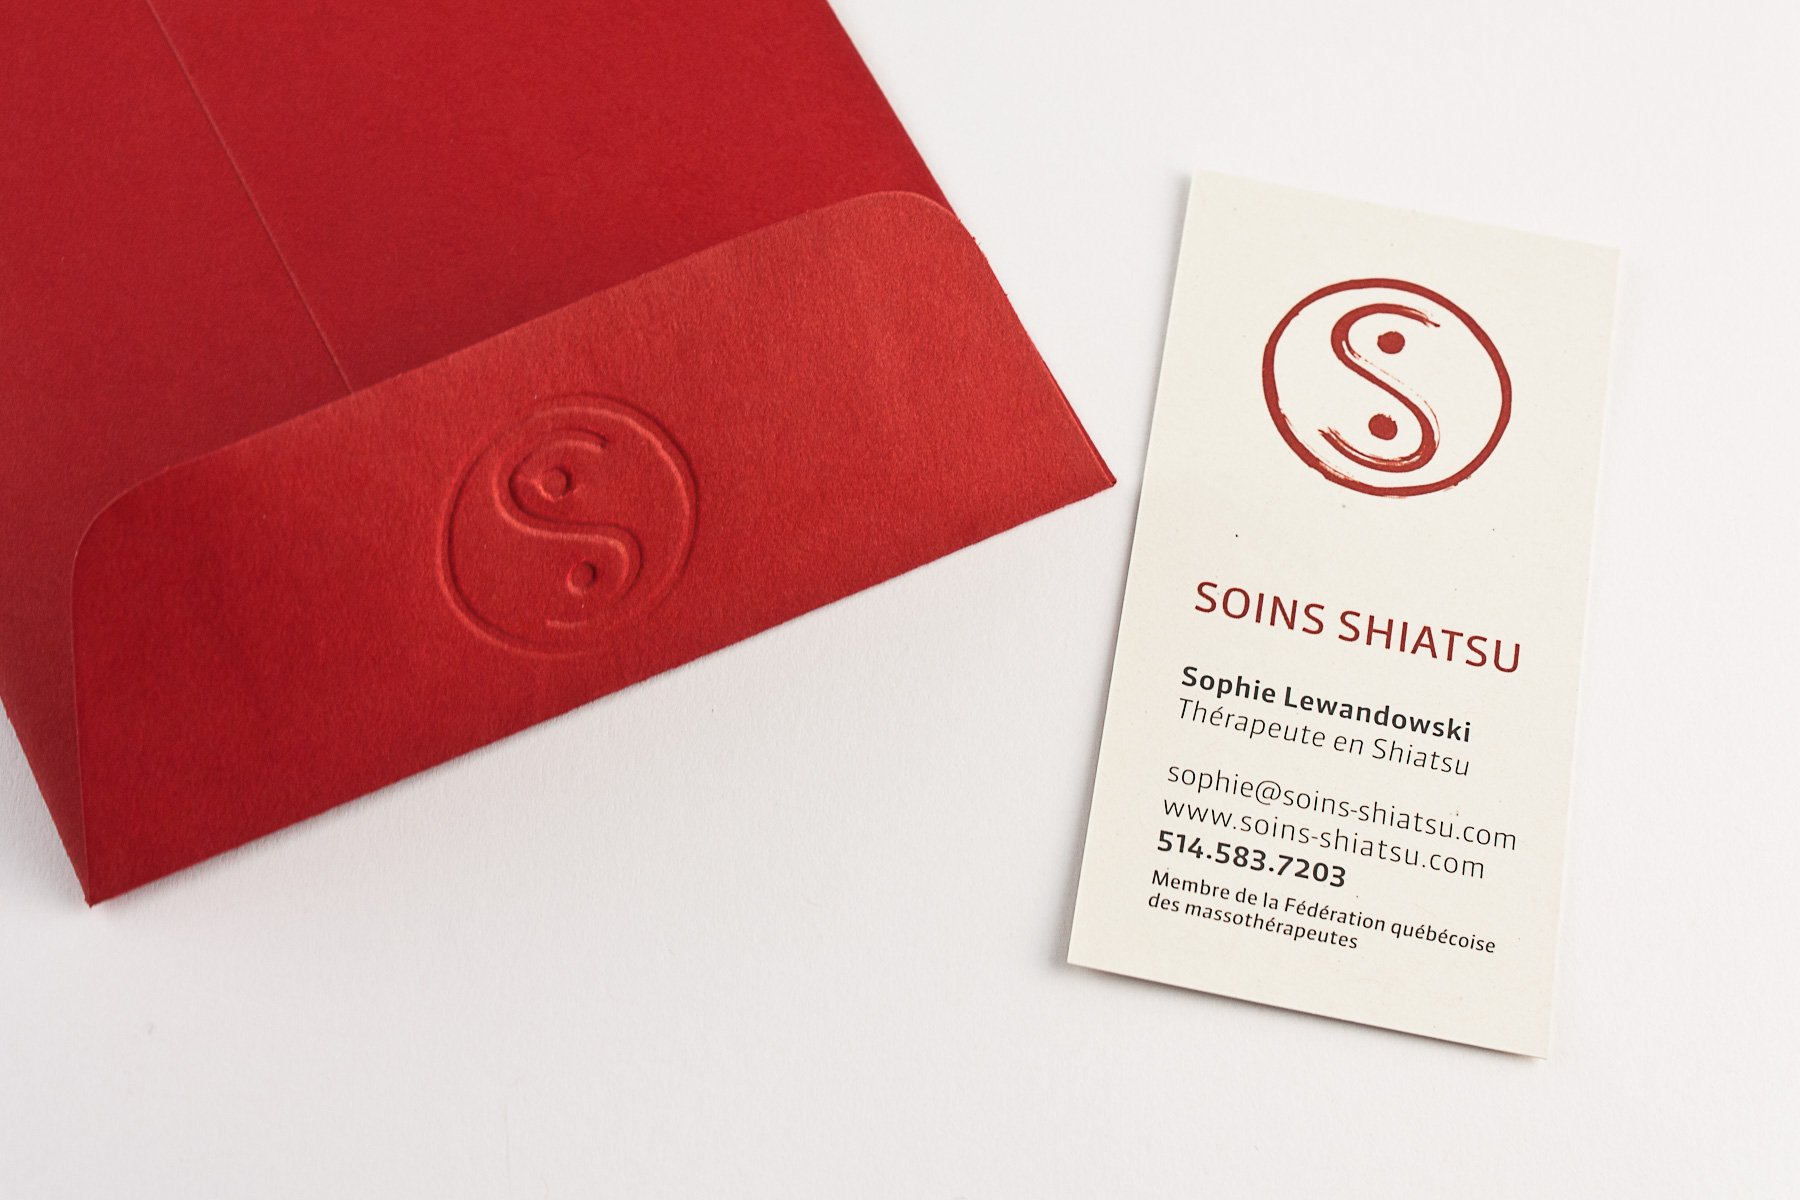 Soins-Shiatsu-carte Soins Shiatsu - Identité